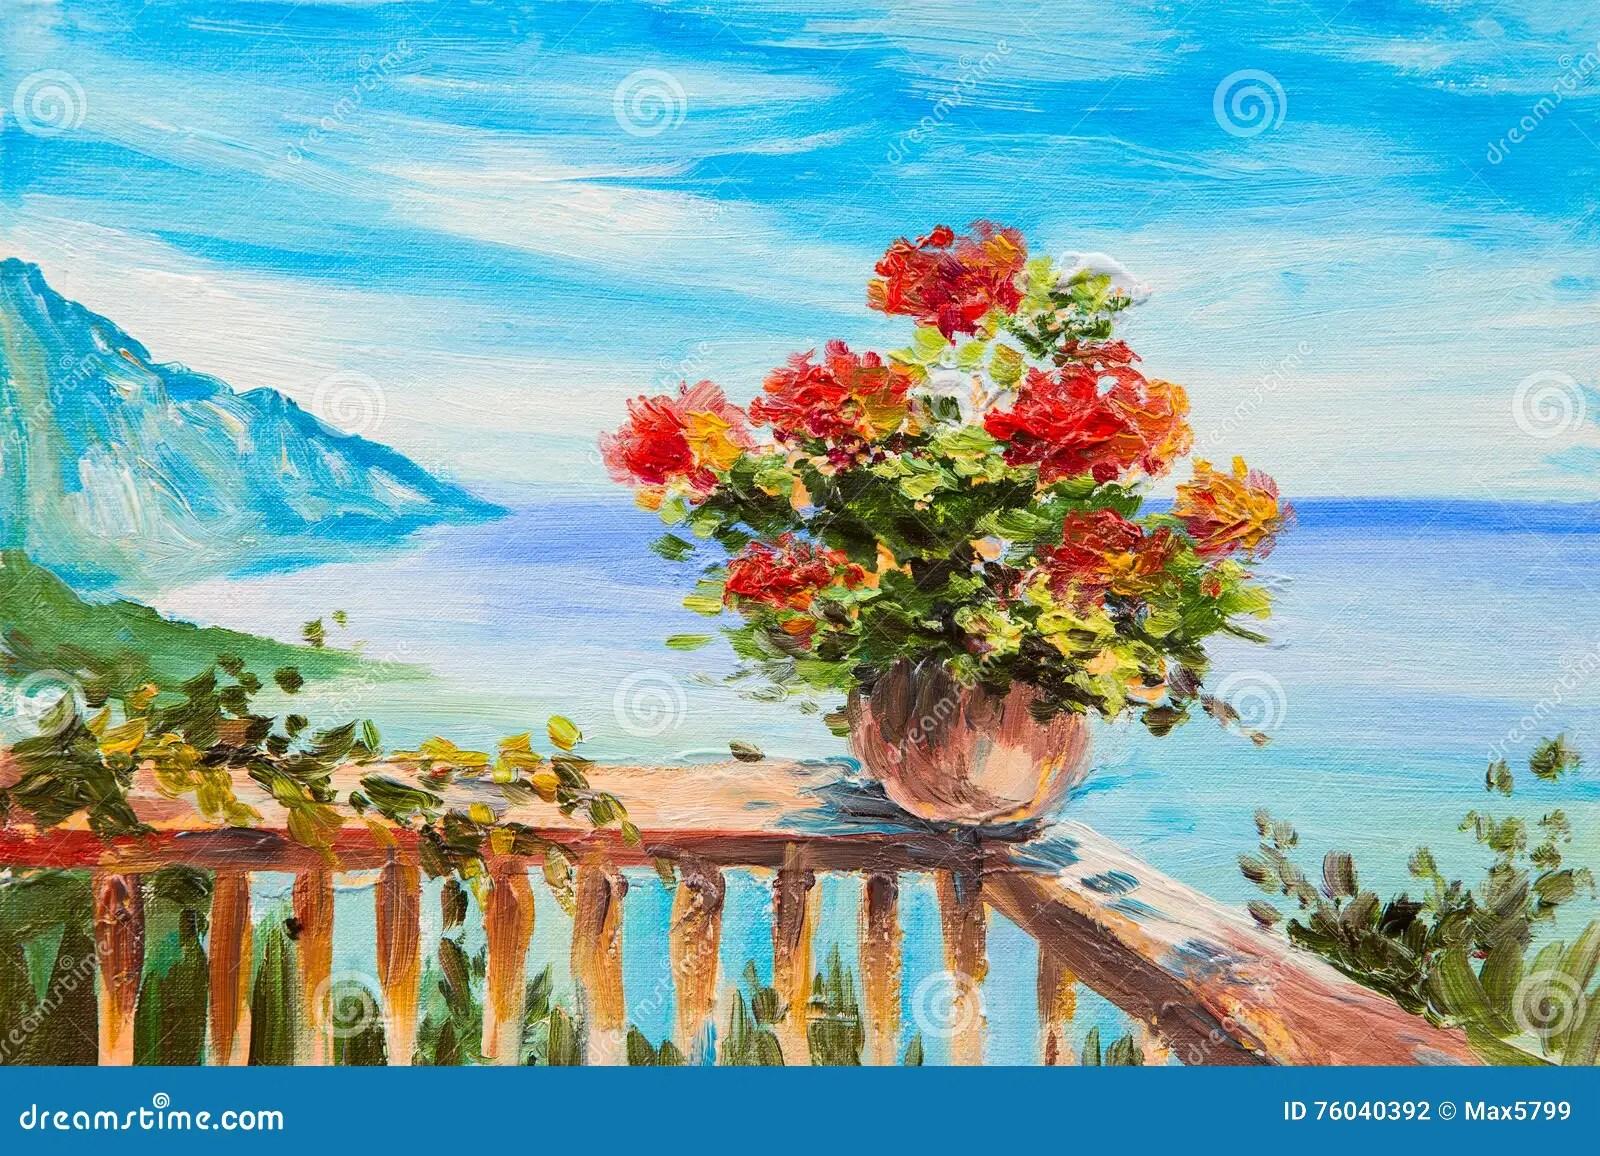 Pittura Olio Fiori | Fiori In Vaso Pittura A Olio Illustrazione Di Stock